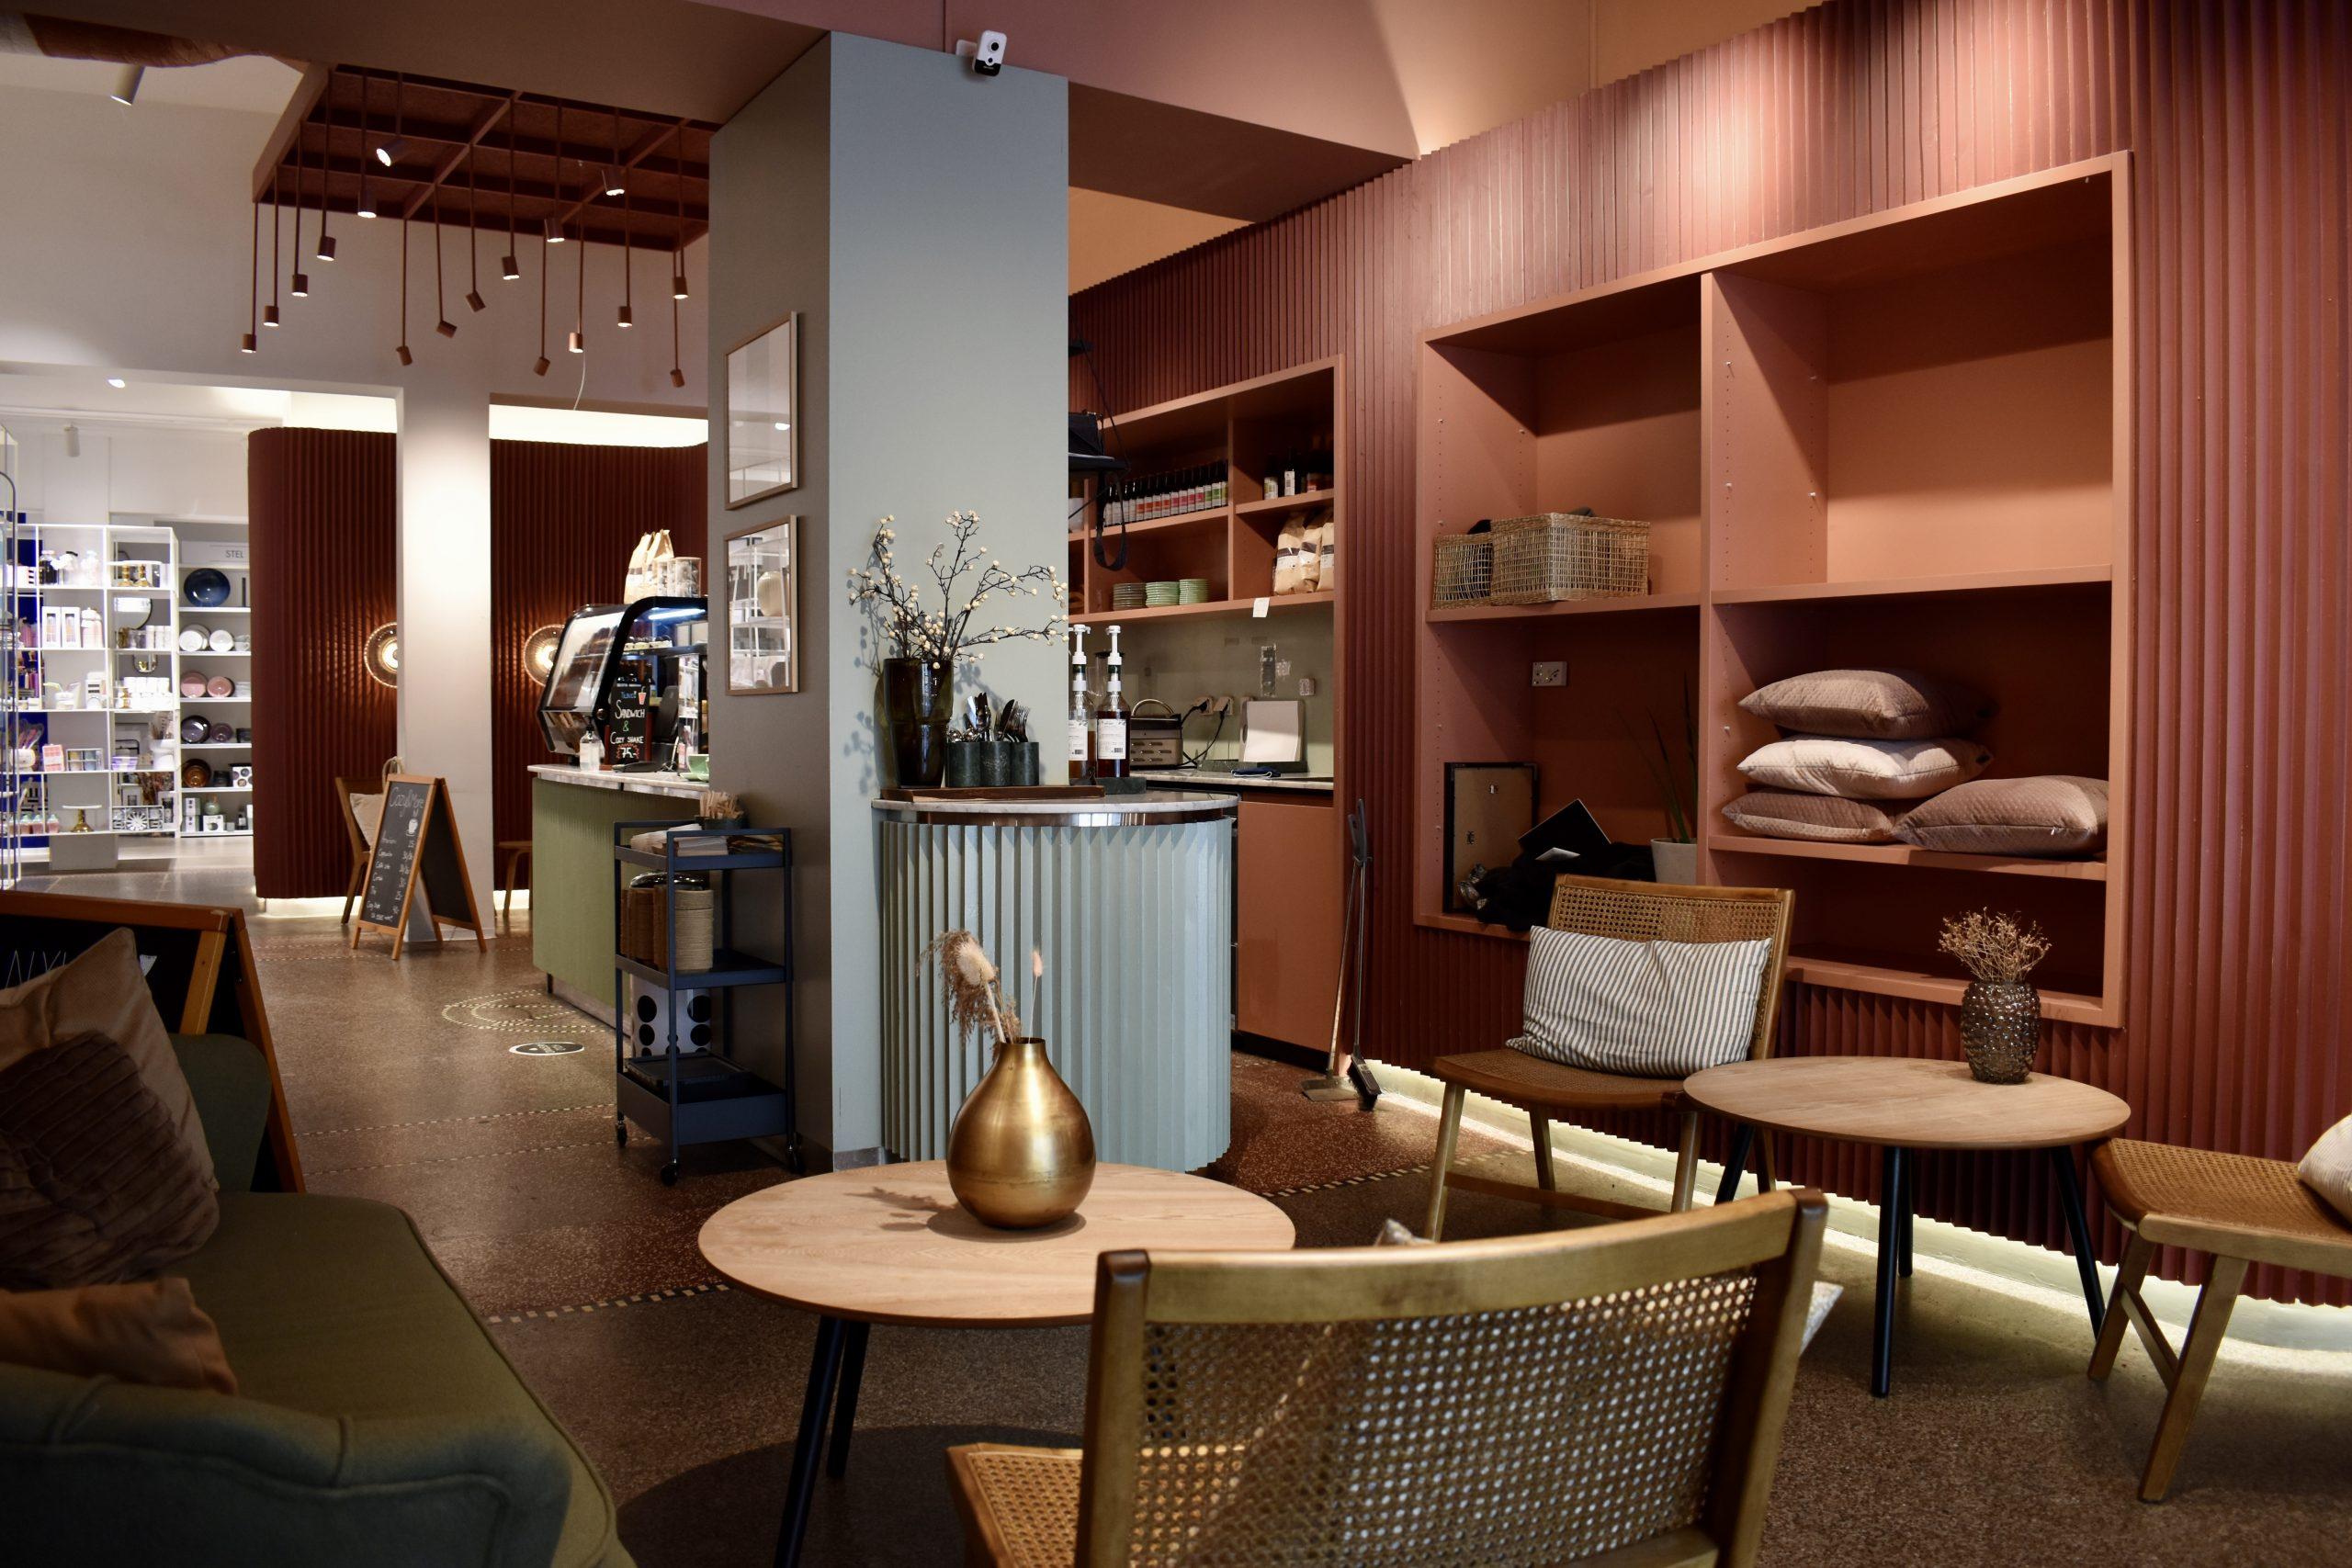 Kvalitetskaffe og lækkert bagværk: Ny kaffebar er kommet til Aarhus